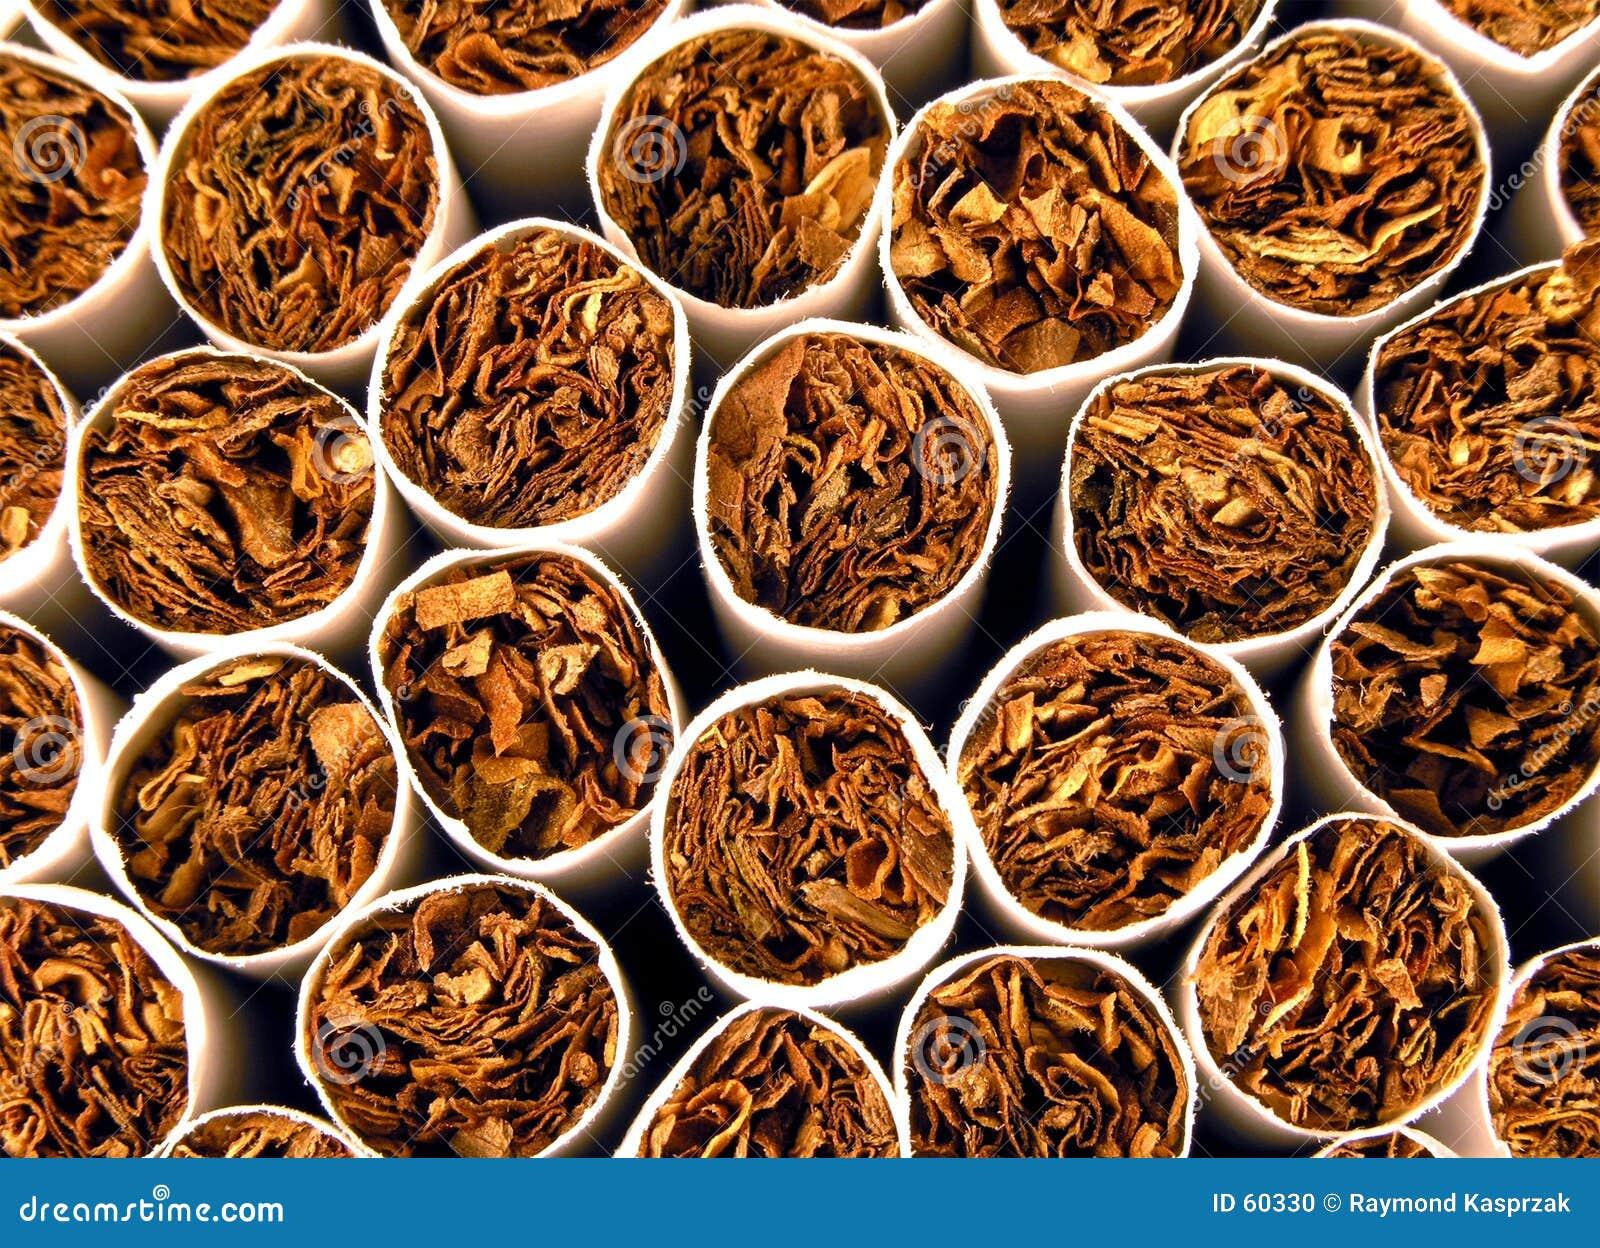 Fondo del tabaco